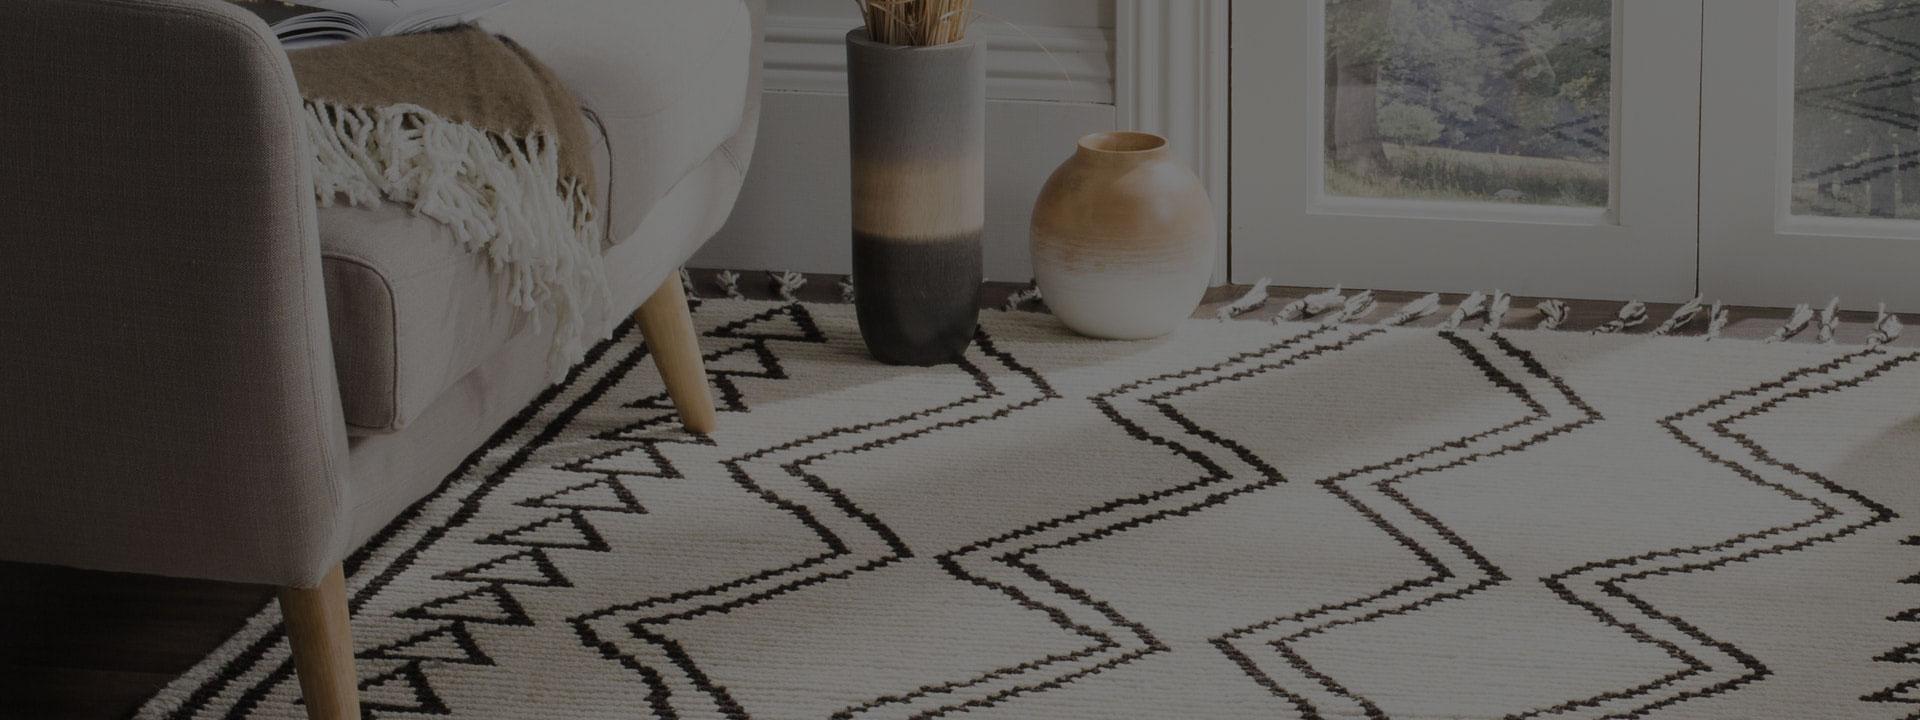 שטיחים למכירה בכל הסגנונות והגדלים בהנחות ענק!